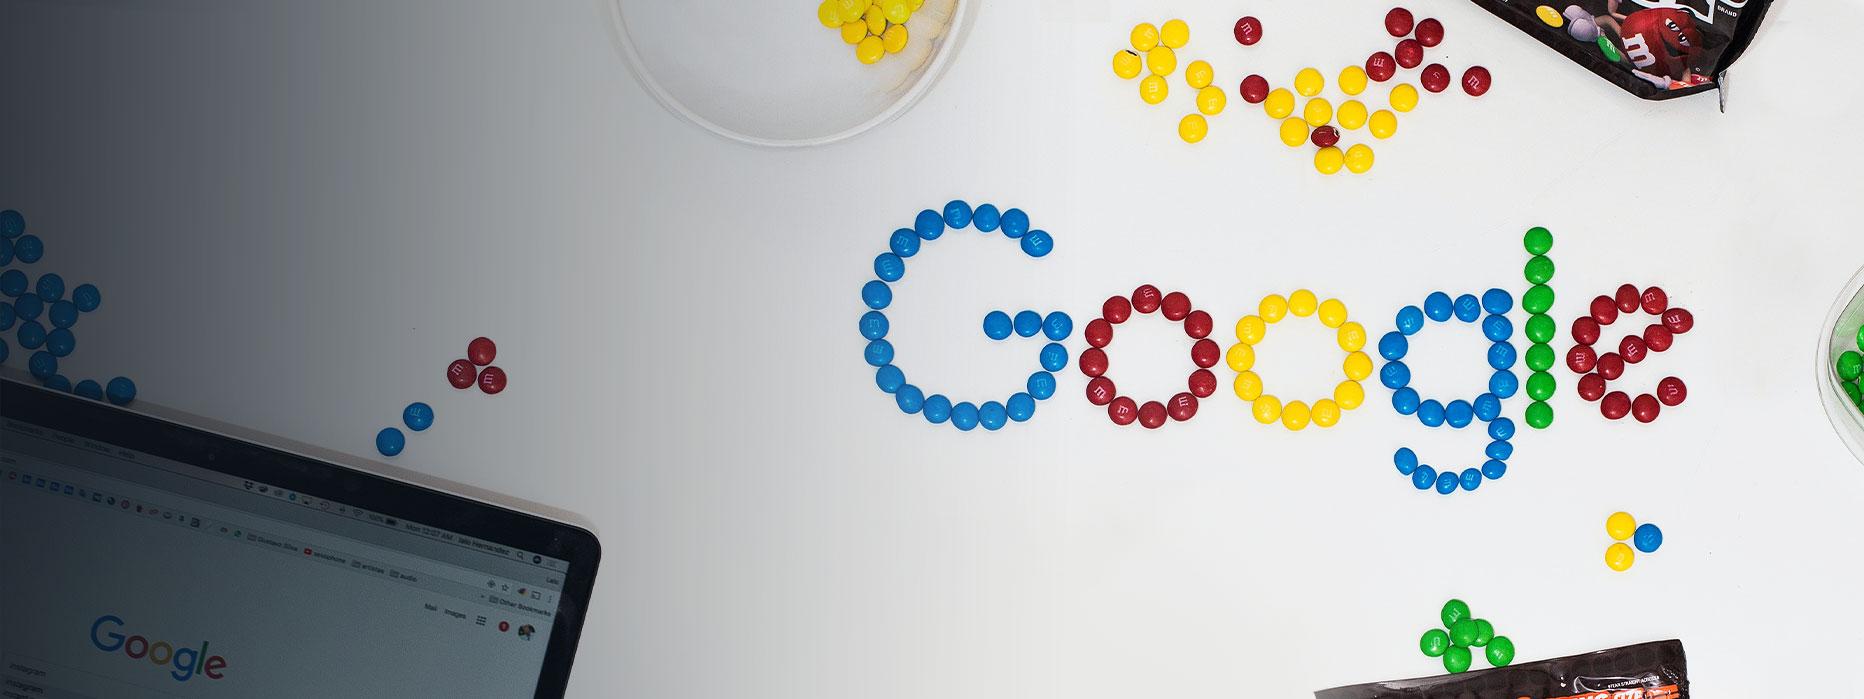 5 redenen waarom je Google Ads beter kunt uitbesteden